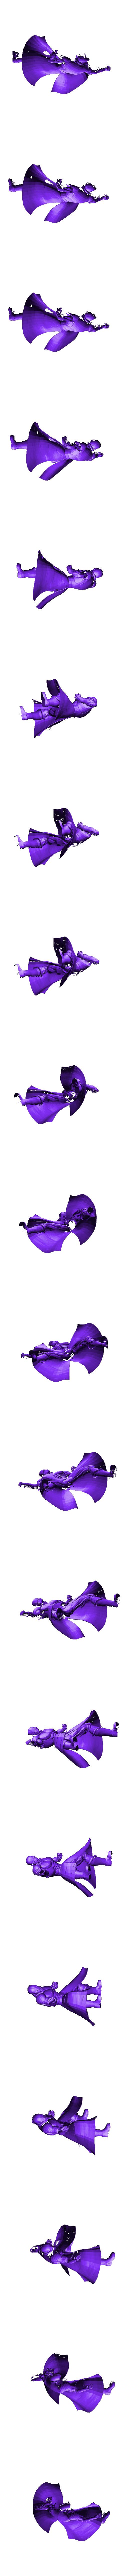 hit3.stl Descargar archivo STL Golpea el modelo super 3D de Dragon Ball • Objeto imprimible en 3D, lmhoangptit